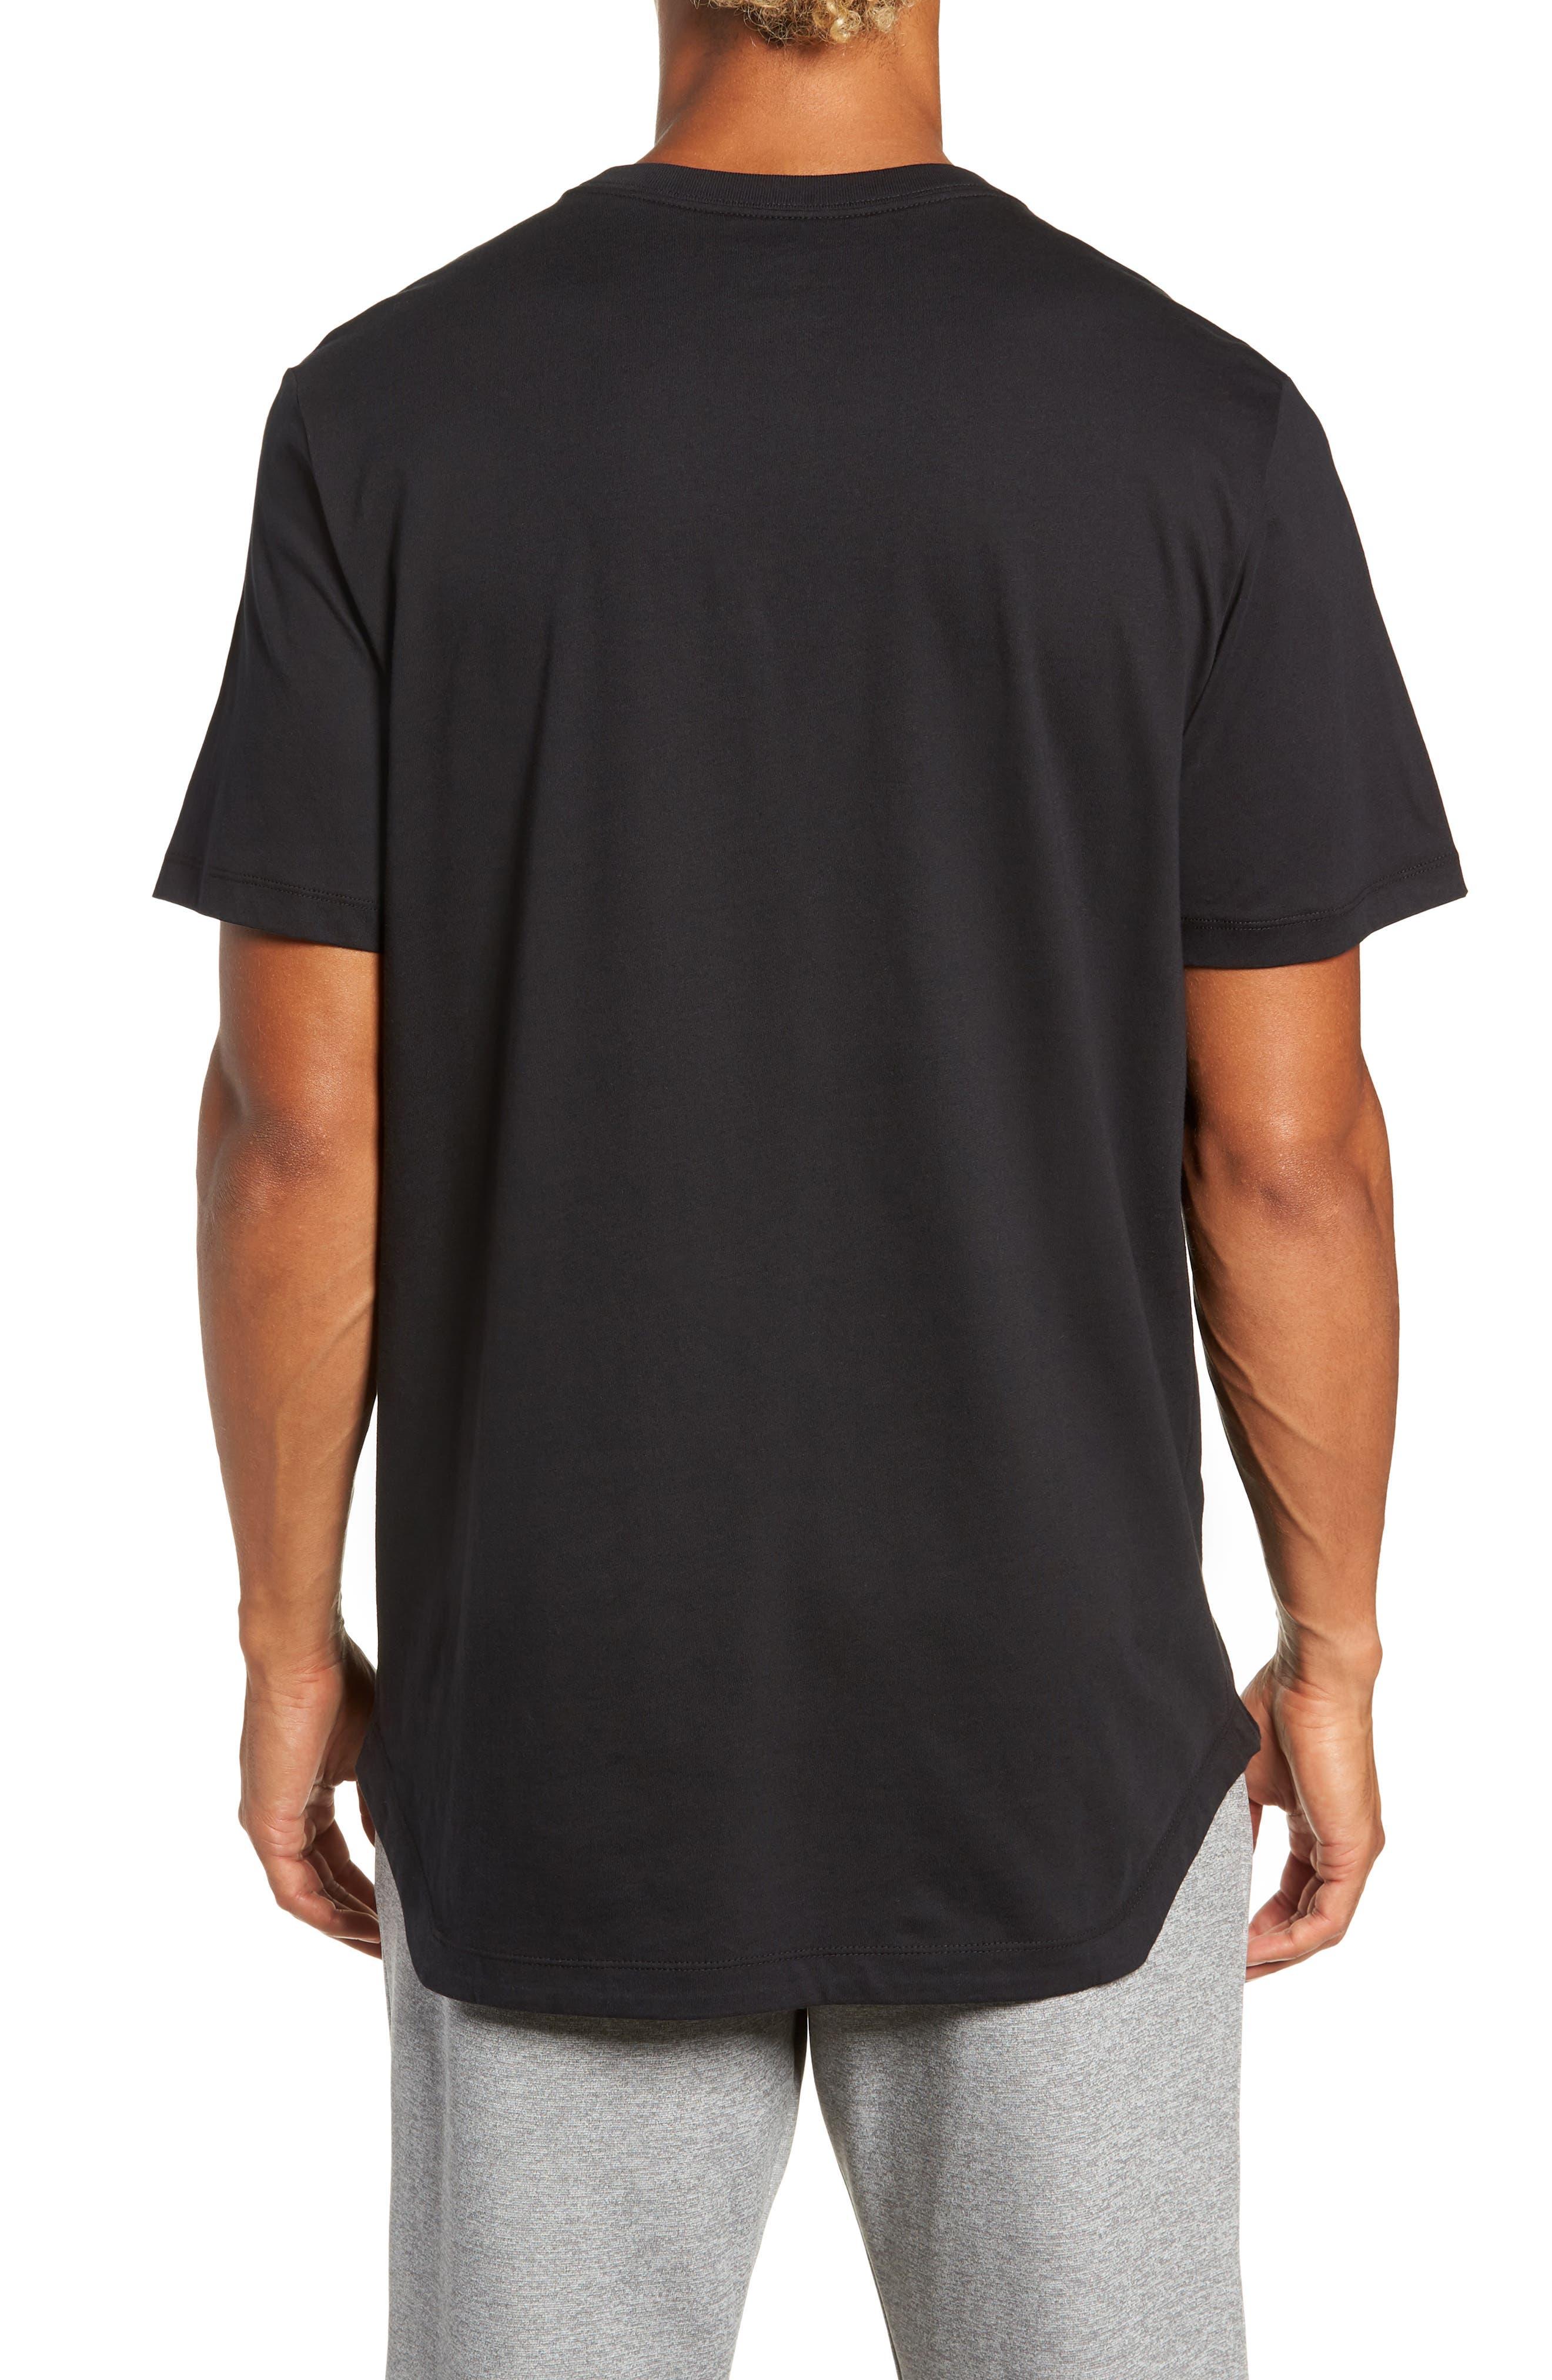 NSW Futura T-Shirt,                             Alternate thumbnail 2, color,                             BLACK/ BLACK